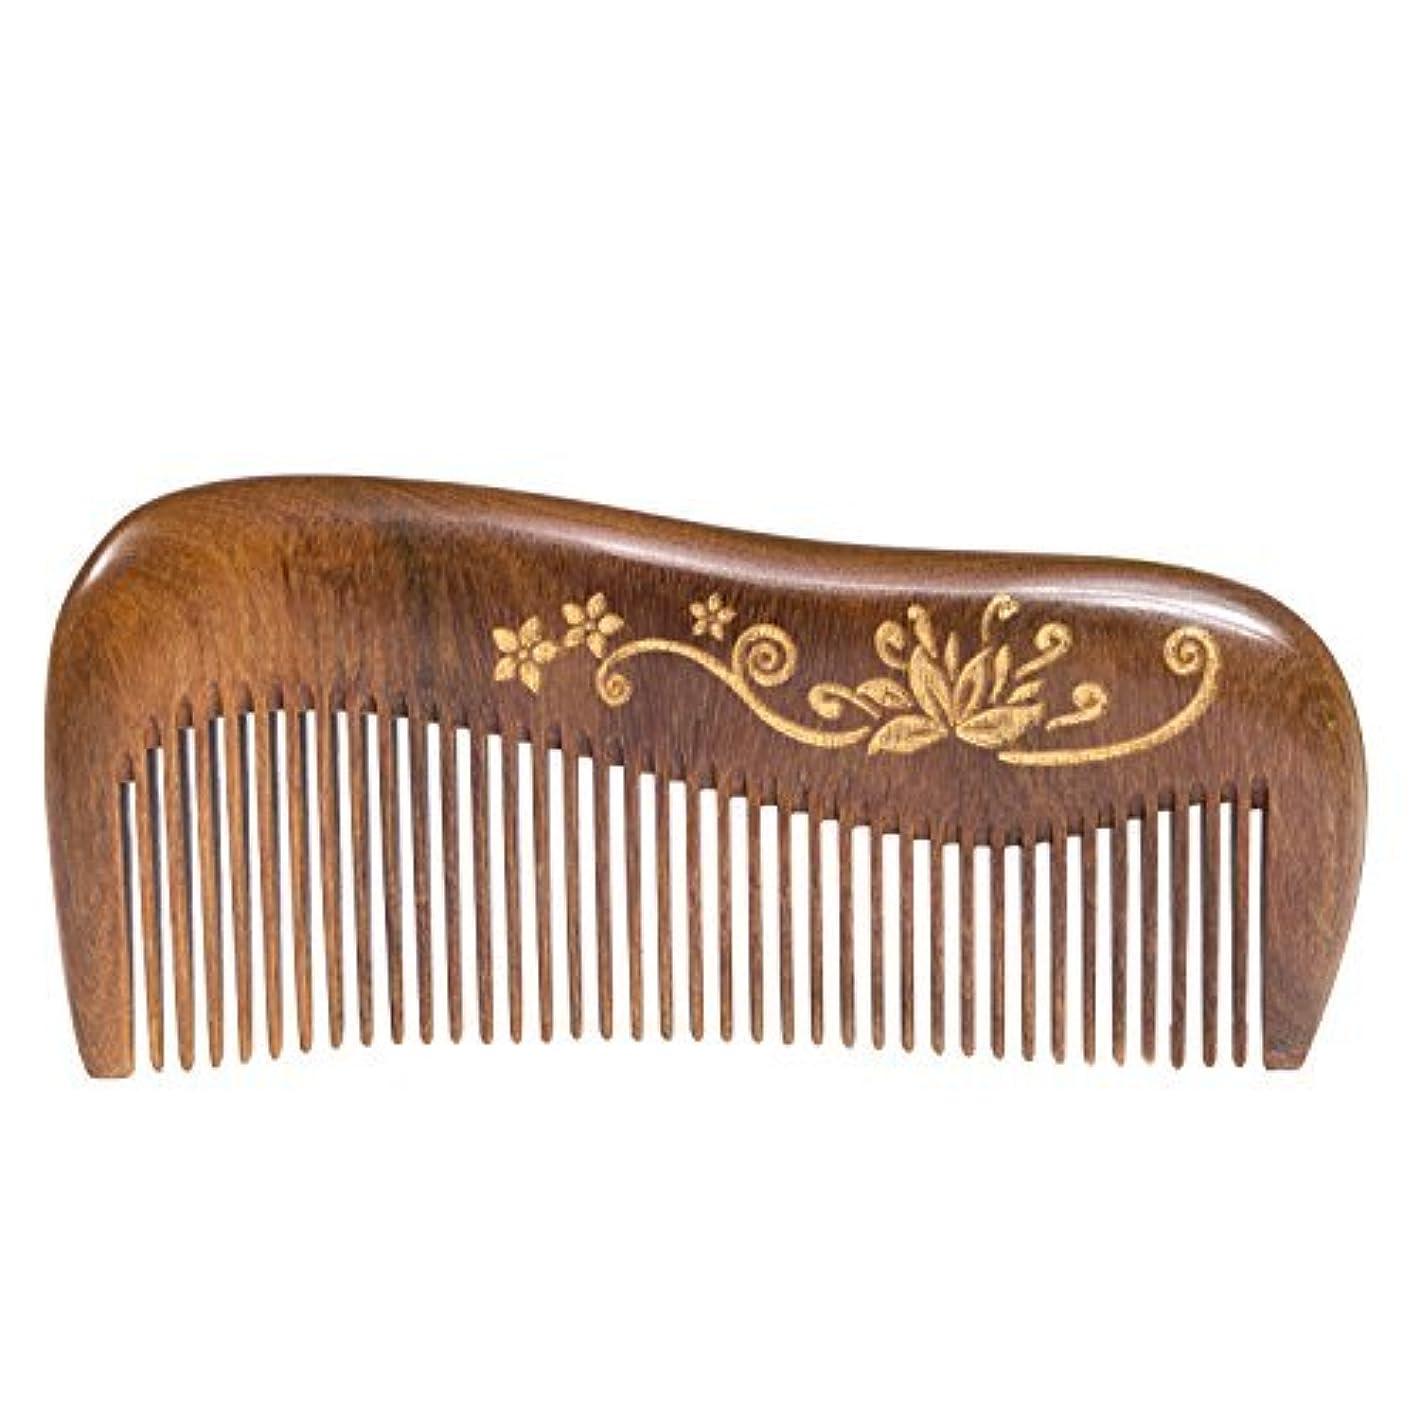 おばあさんインフルエンザけがをするBreezelike Wooden Hair Comb - Fine Tooth Wood Comb for Women - No Static Natural Detangling Sandalwood Comb [並行輸入品]